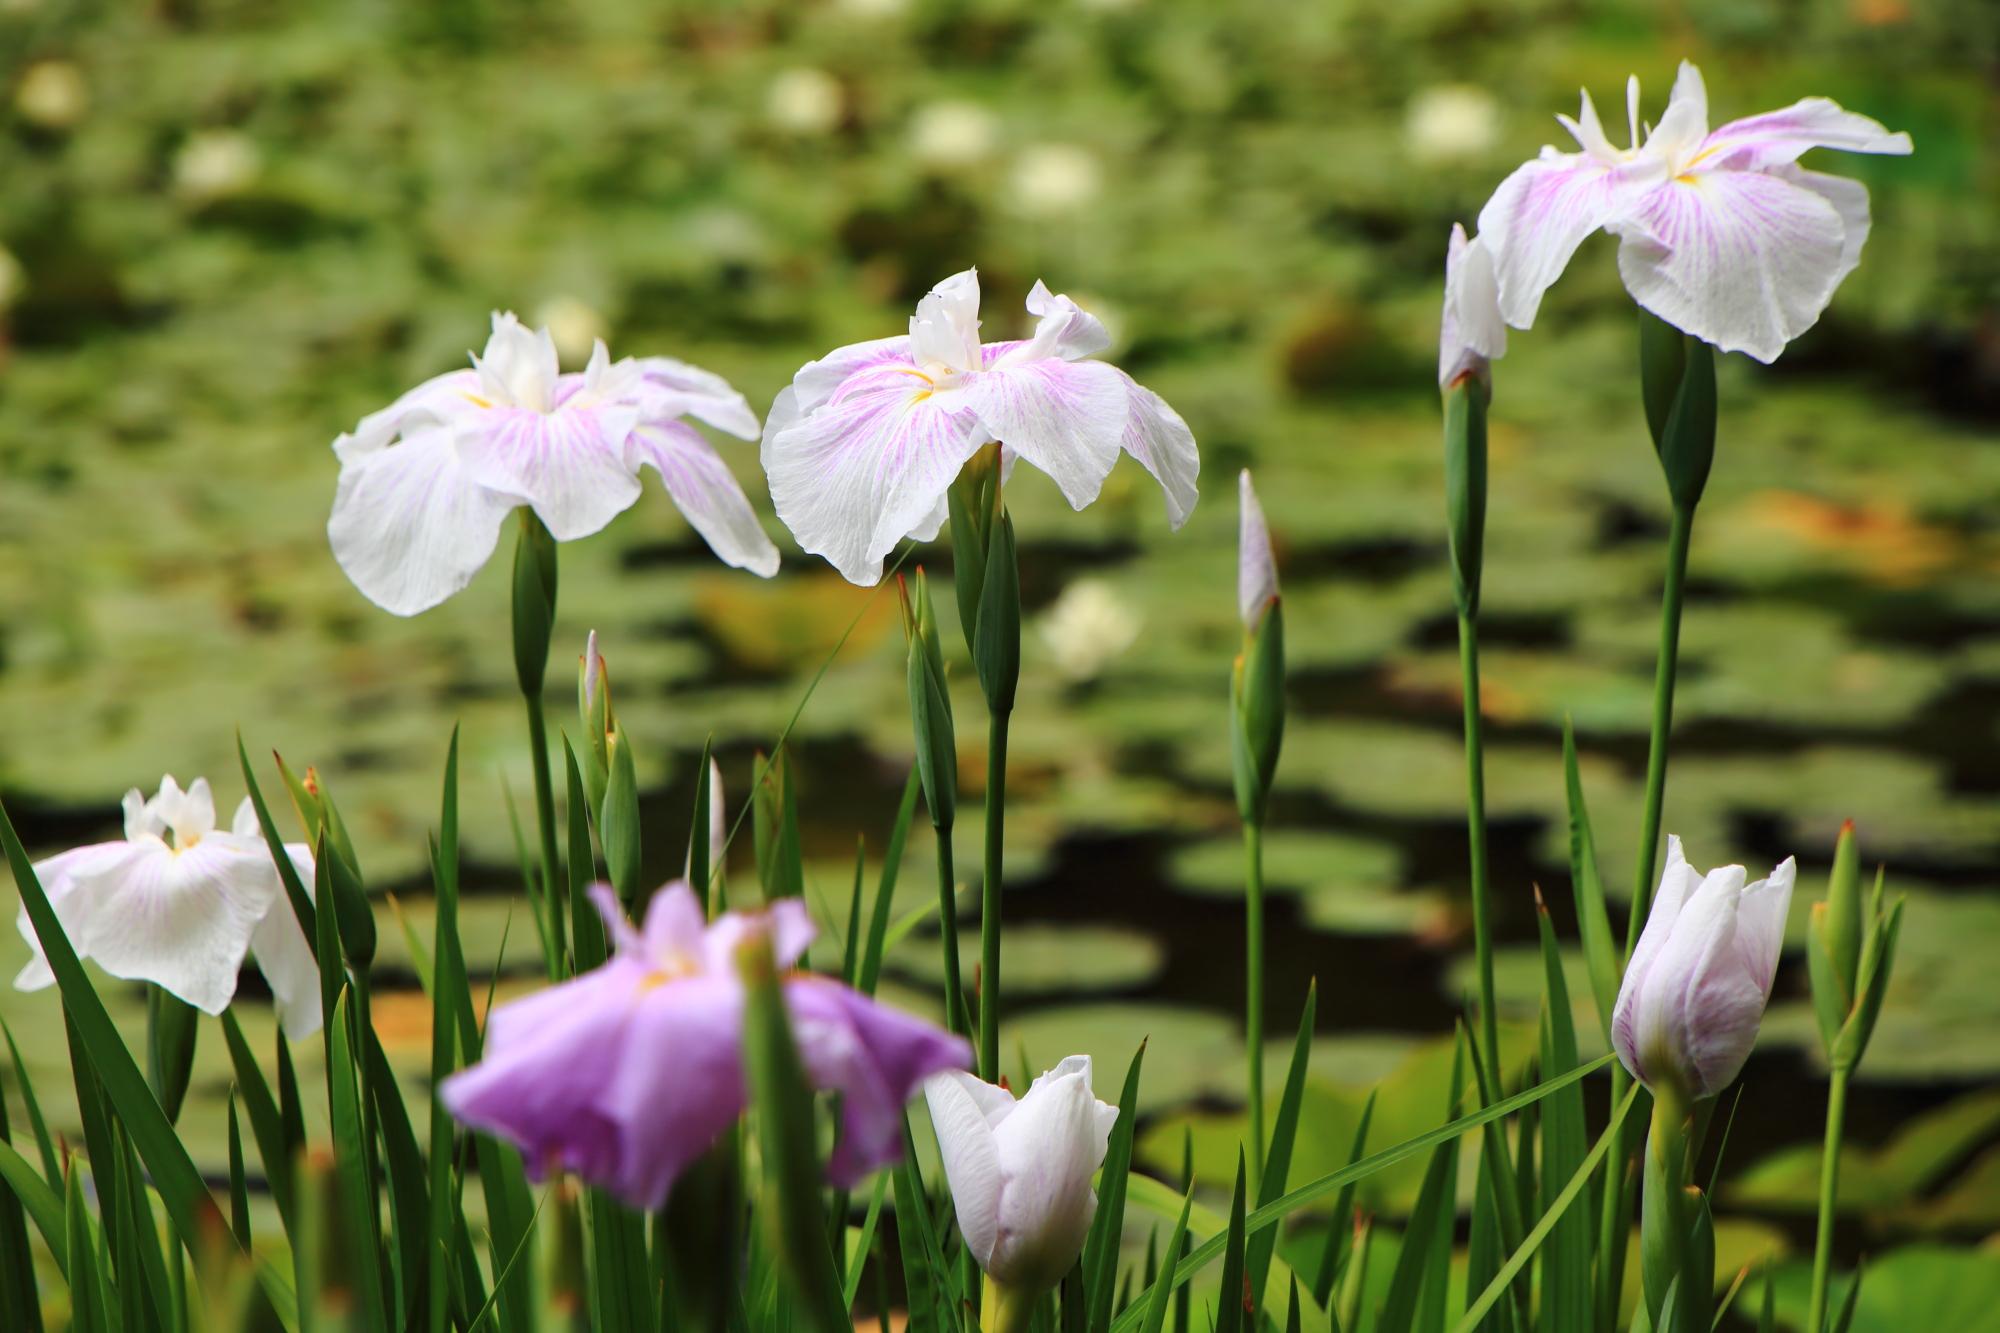 勧修寺の水辺を華やぐ可愛い花菖蒲